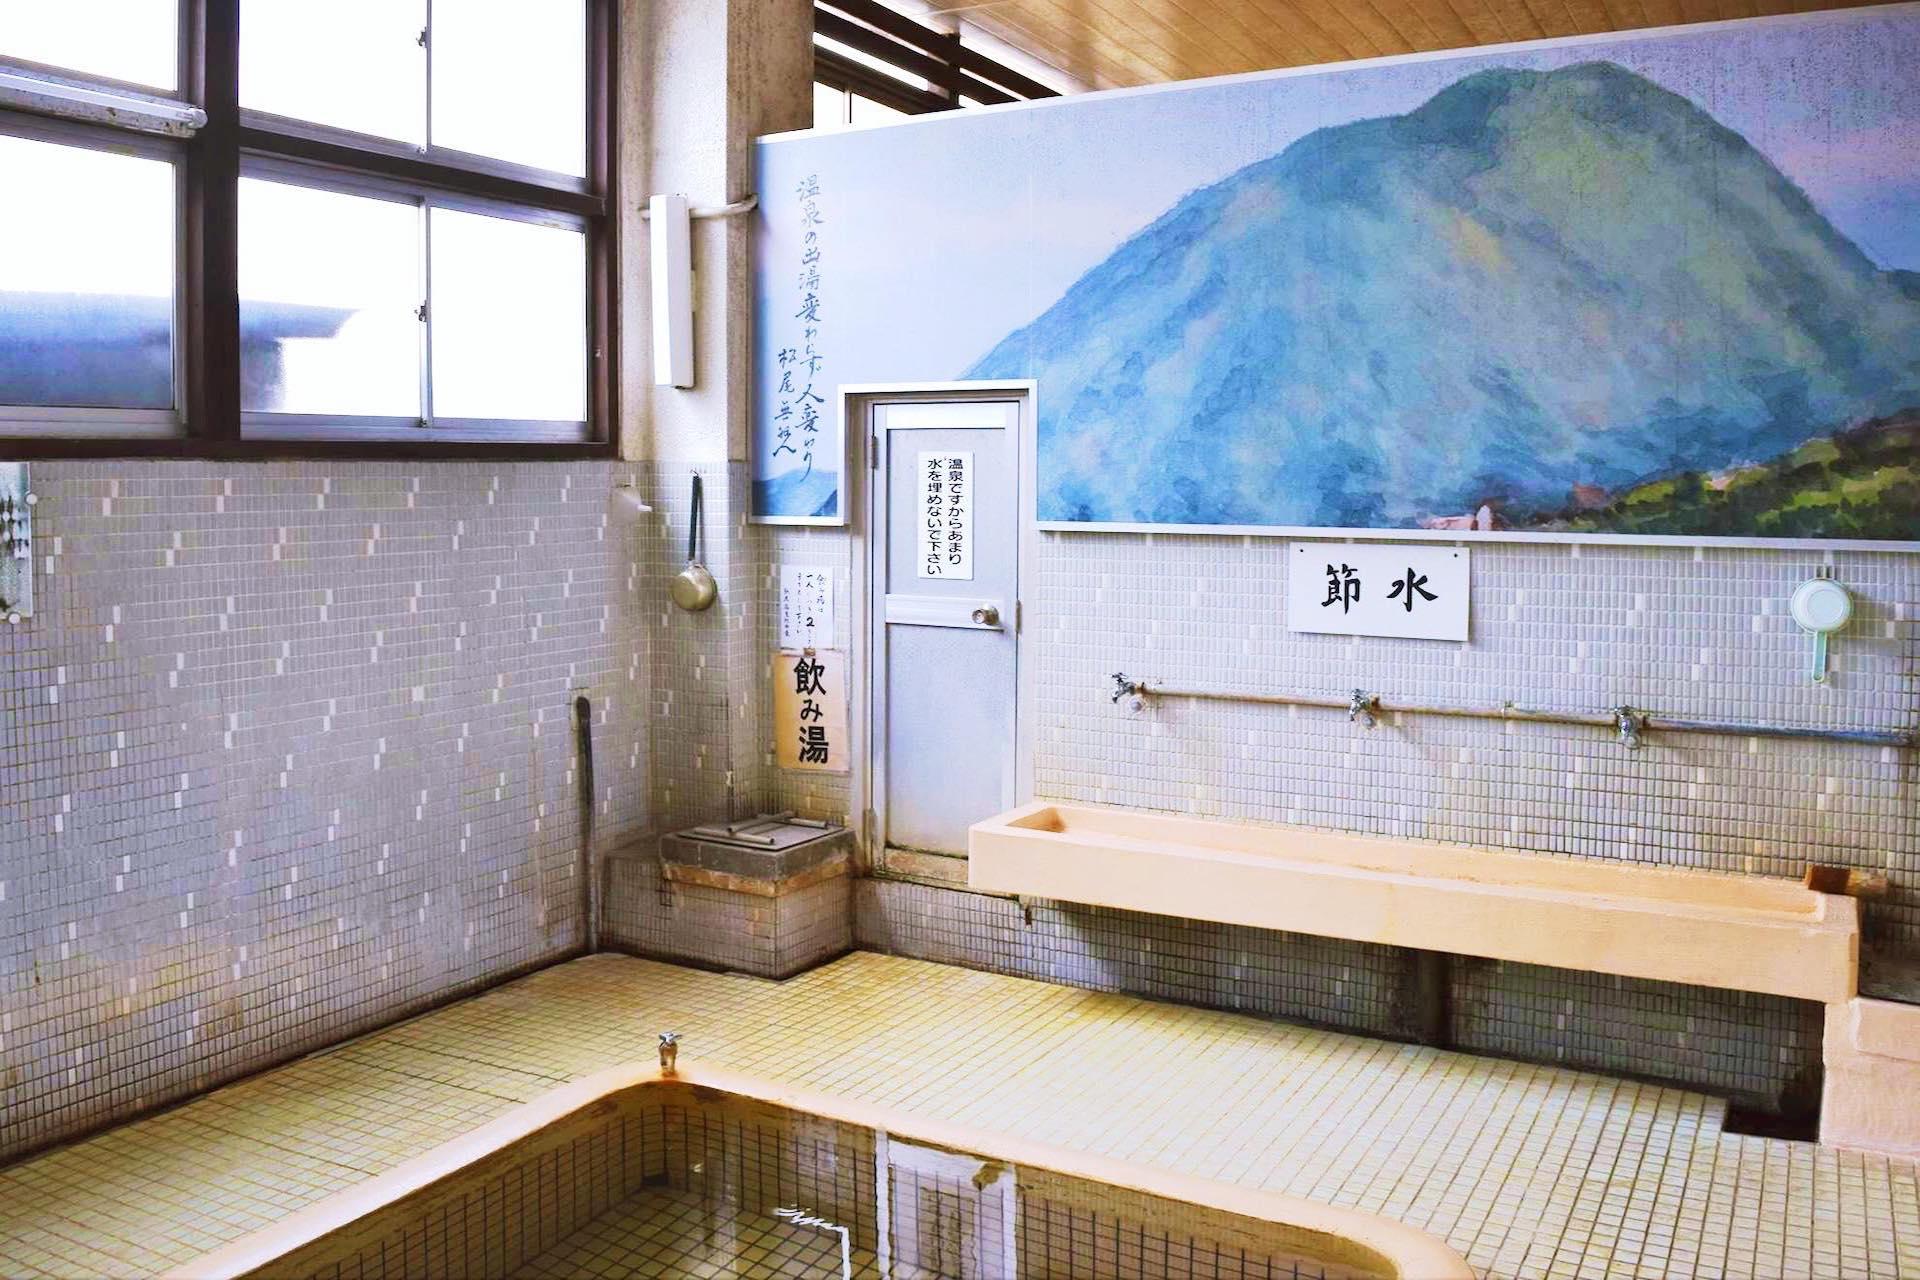 the mural at men's bath